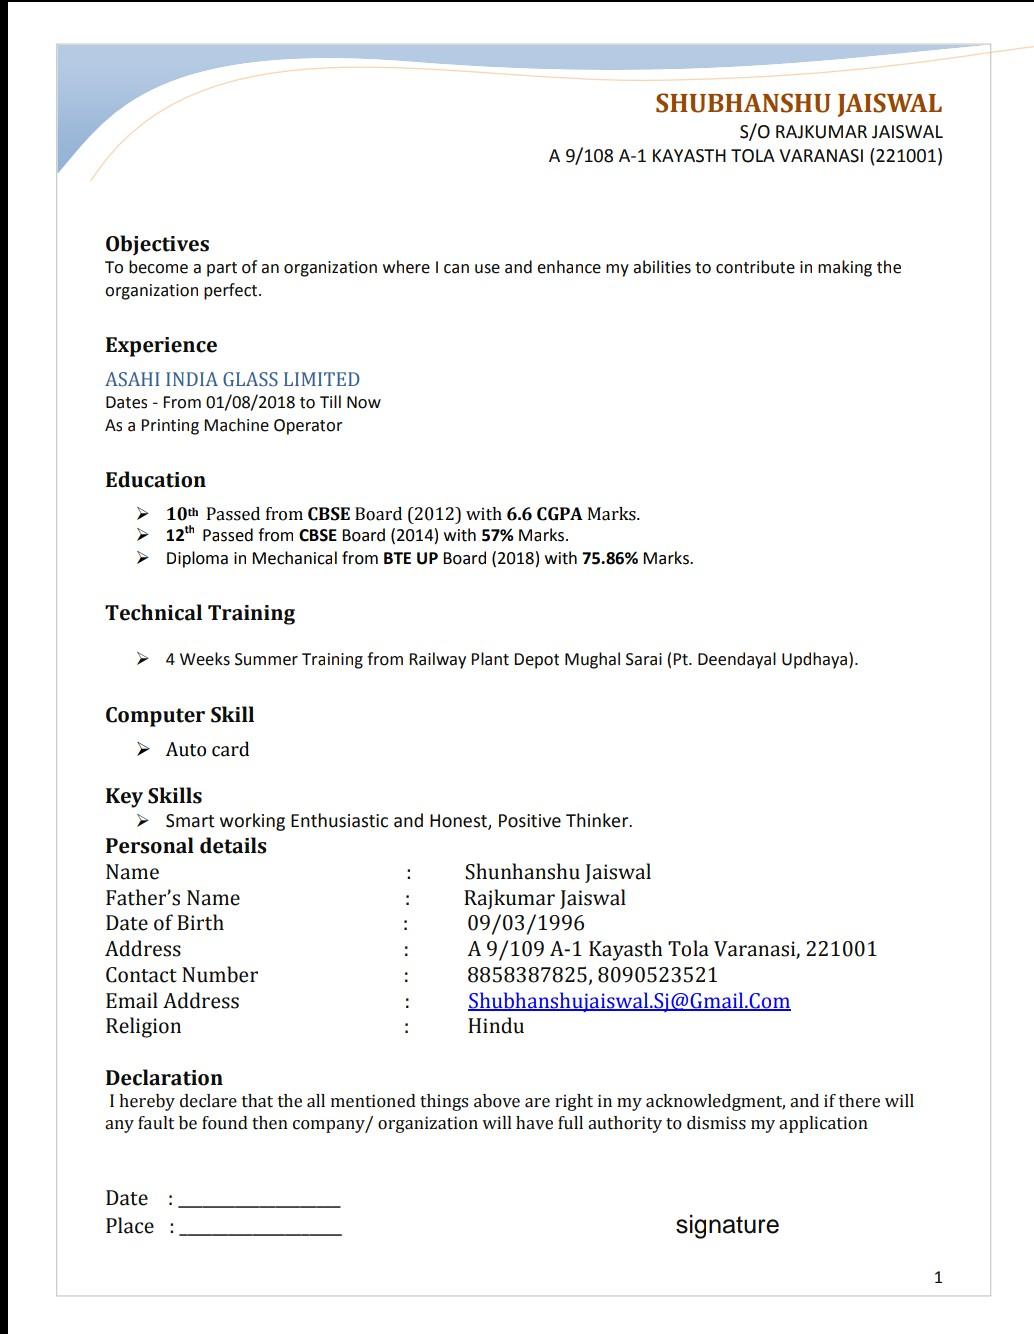 Resume,  Curriculum Vitae,  Bio Data etc maker